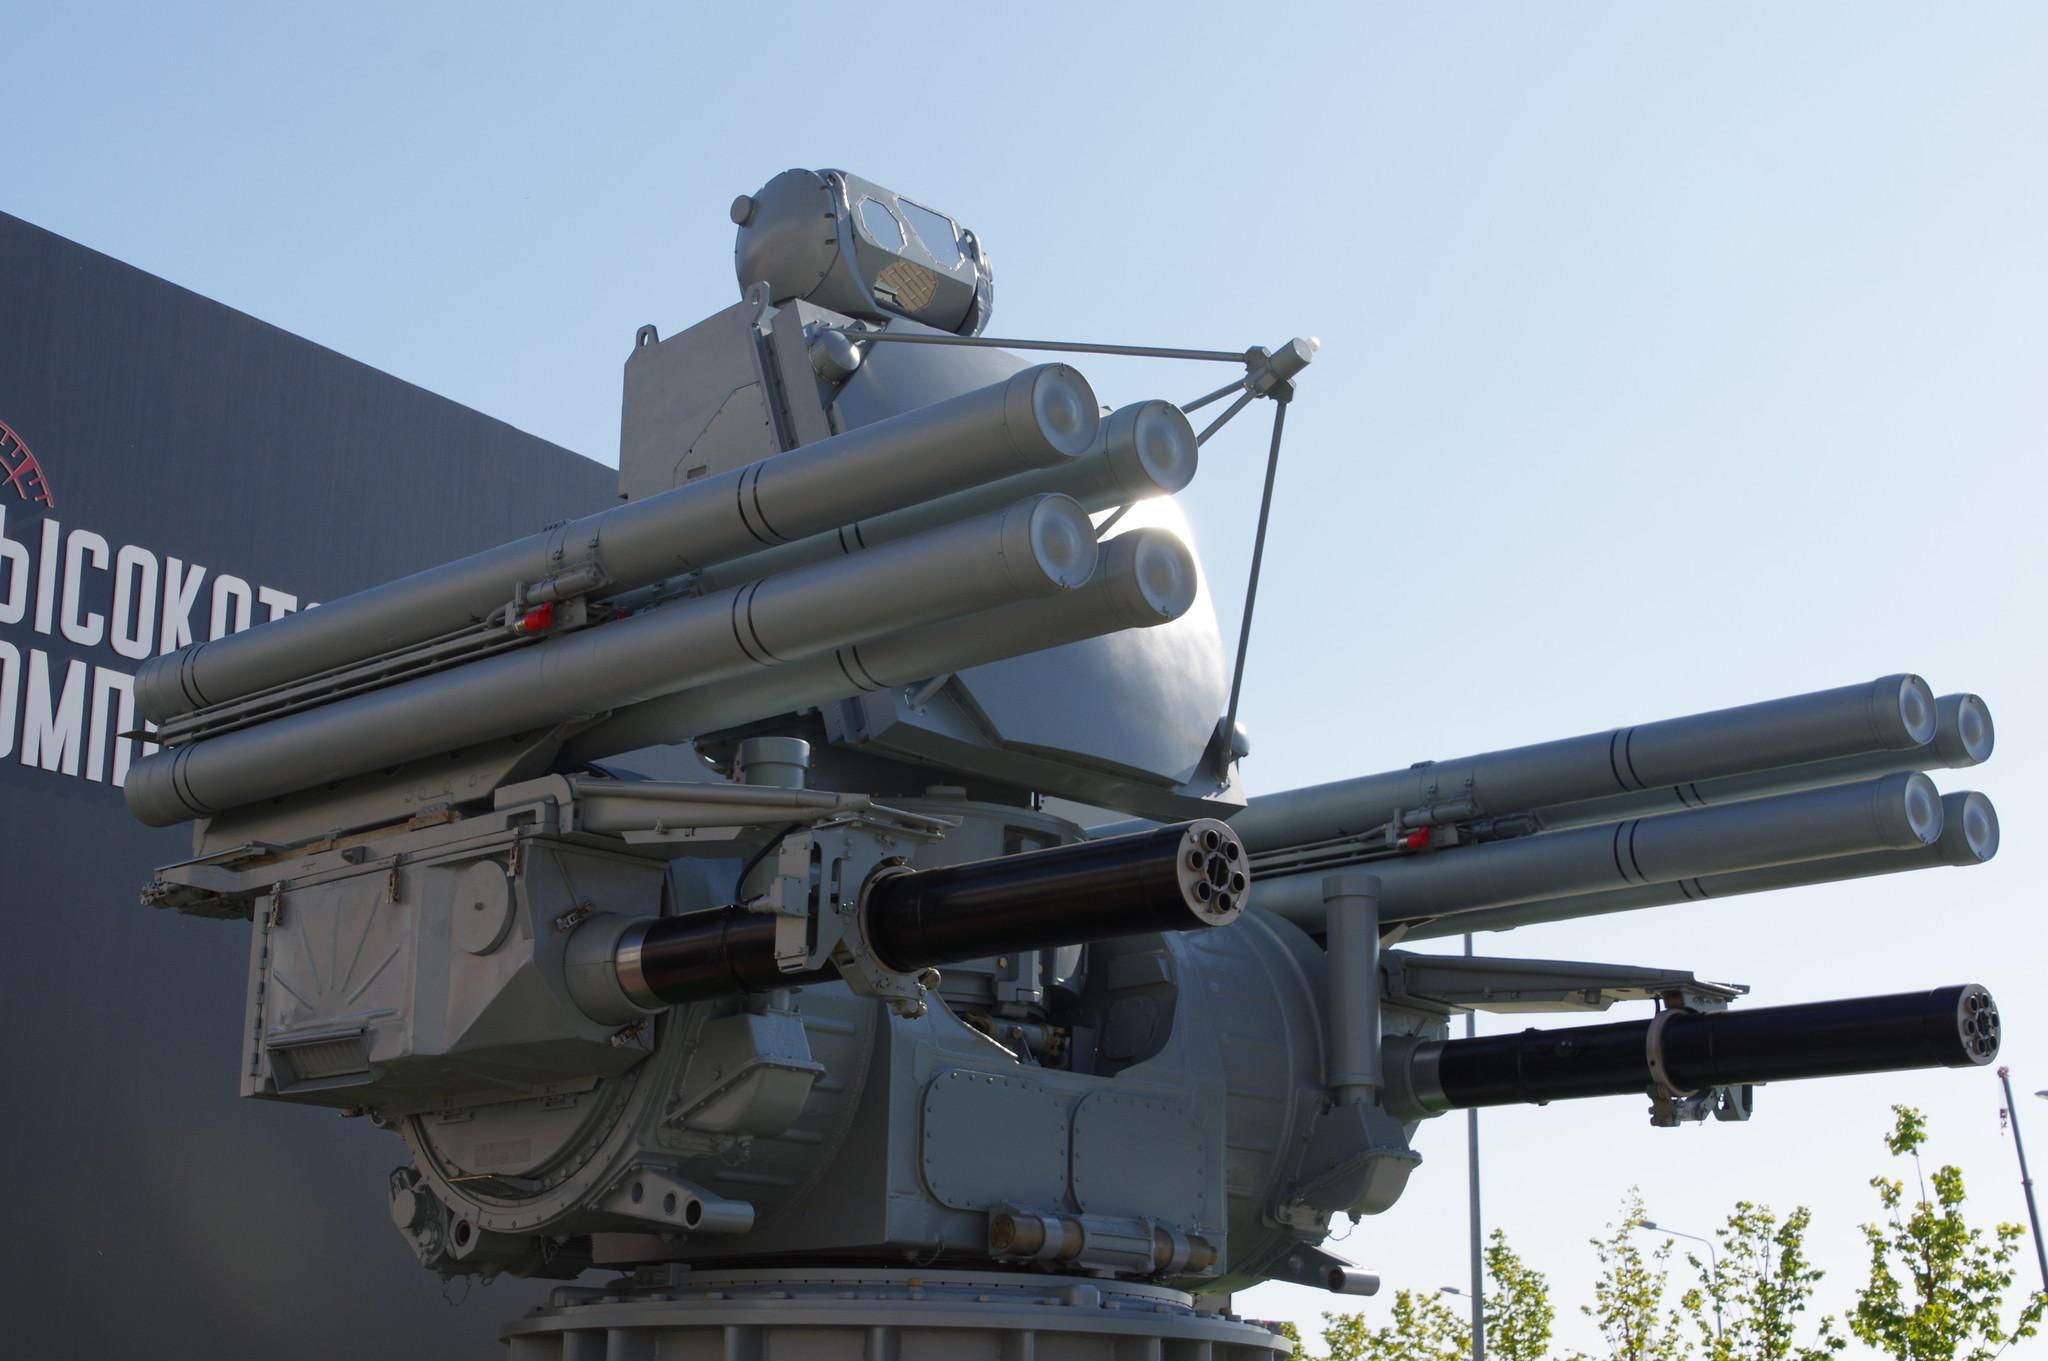 Зенитный ракетно-пушечный комплекс корабельного базирования «Панцирь-МЕ»